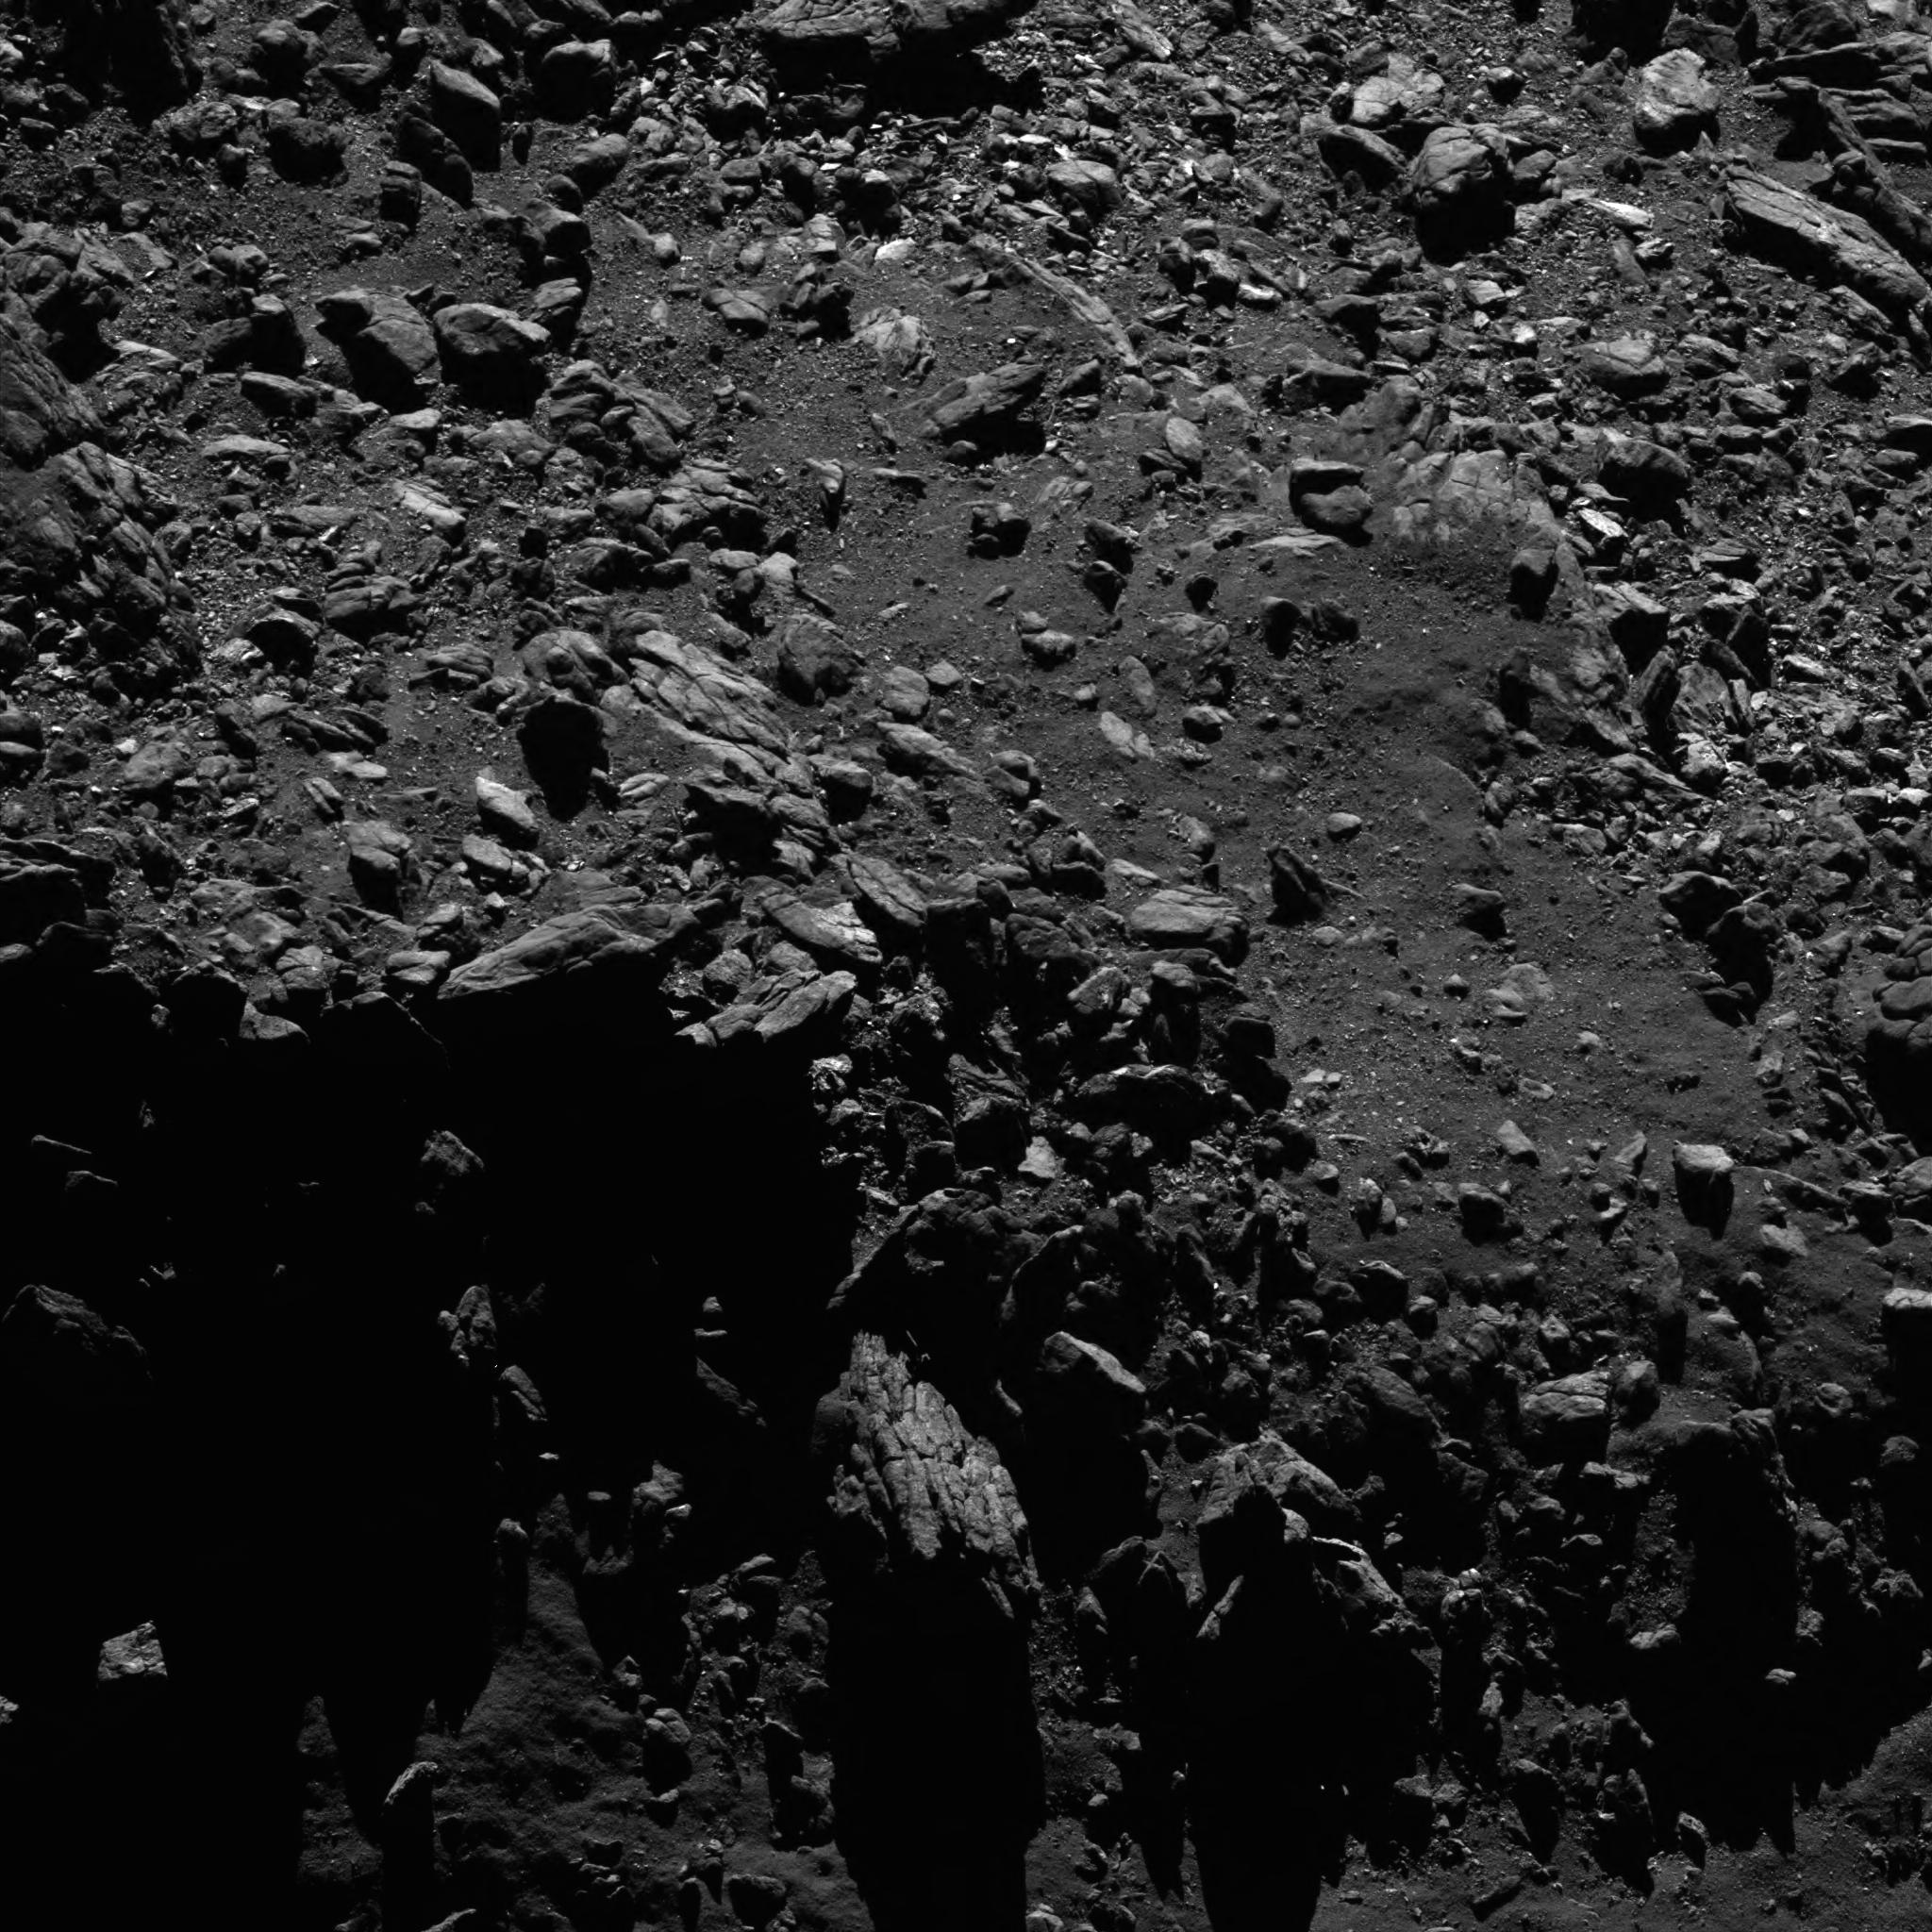 1567213884007-Rosetta_OSIRIS_NAC_20160902T204436_ID20F22.png